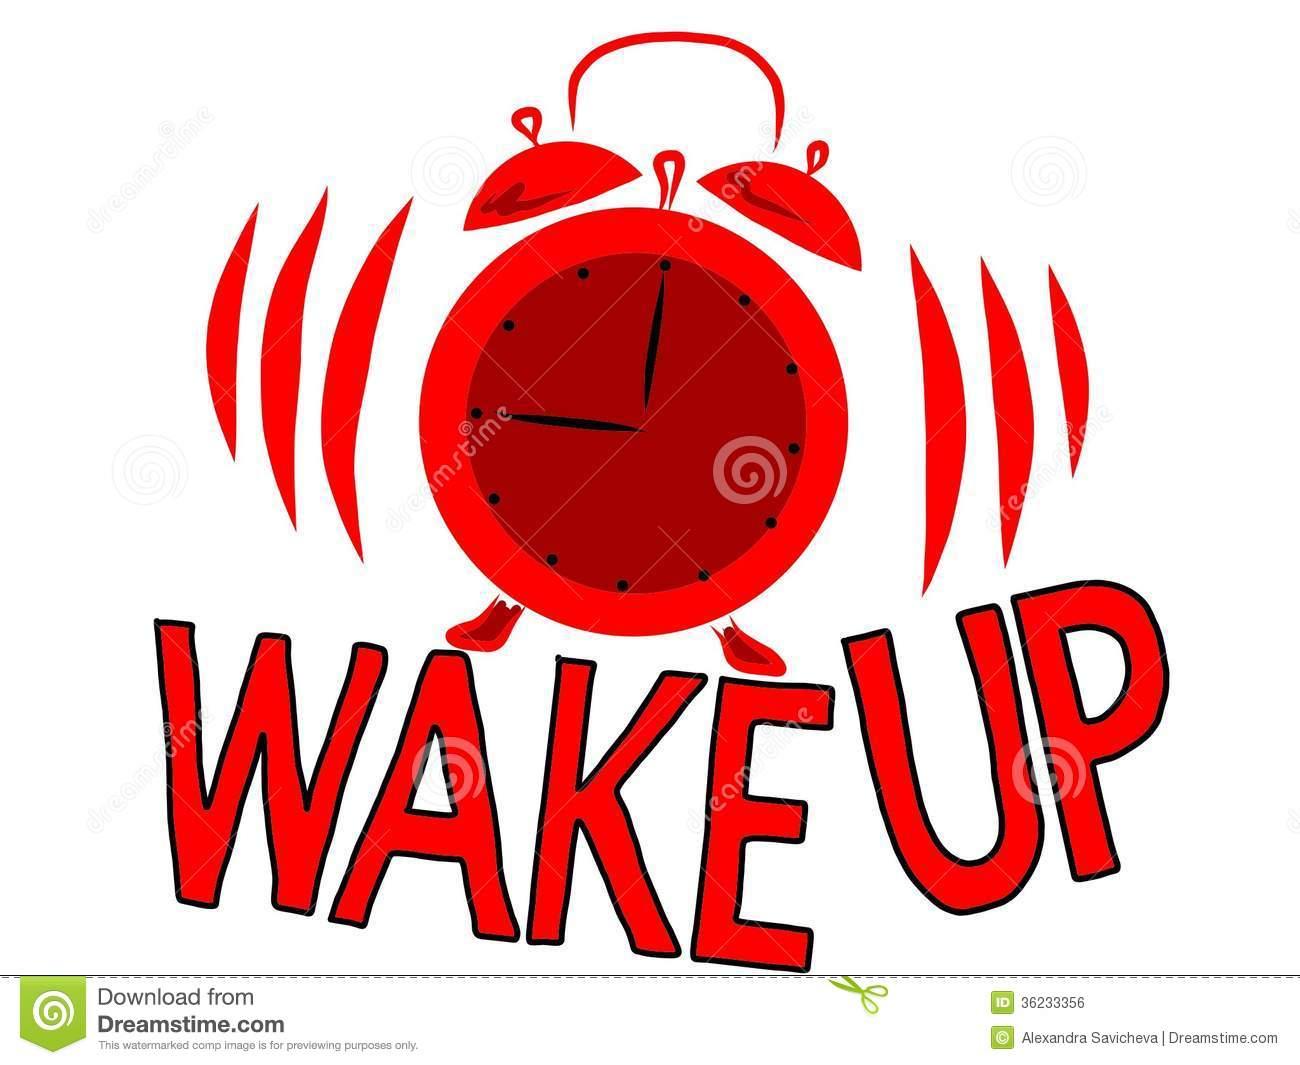 WAKE UP!!! Wake-up